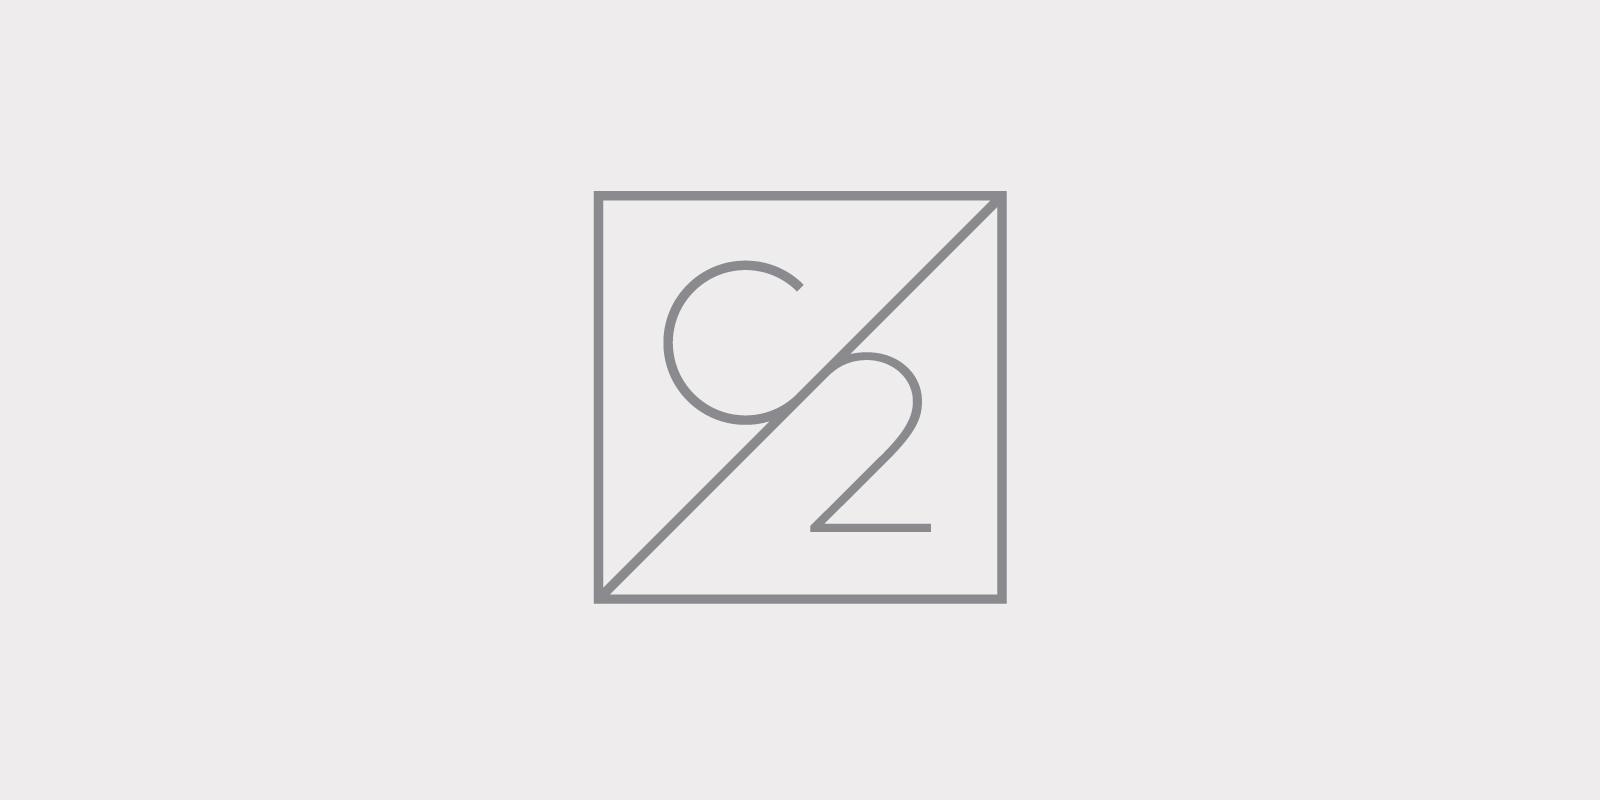 BTL_Website_Logos_C2_Grey.jpg